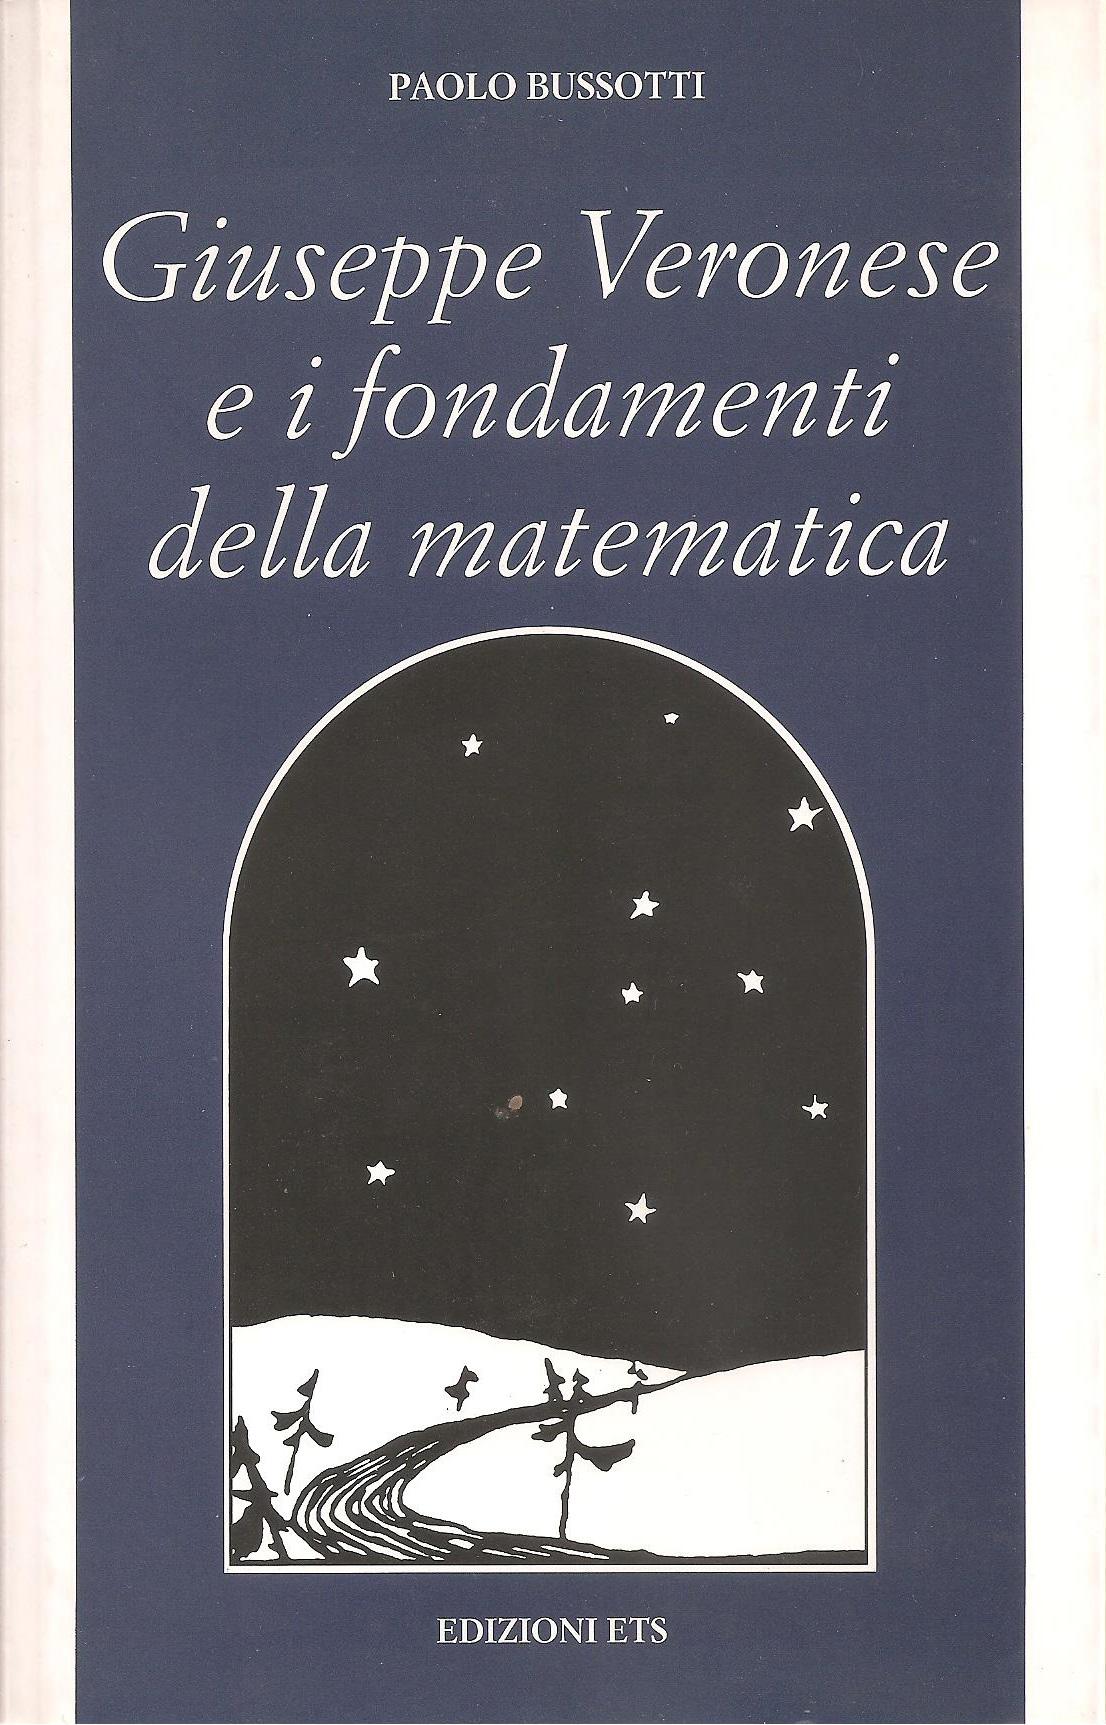 Giuseppe Veronese e i fondamenti della matematica